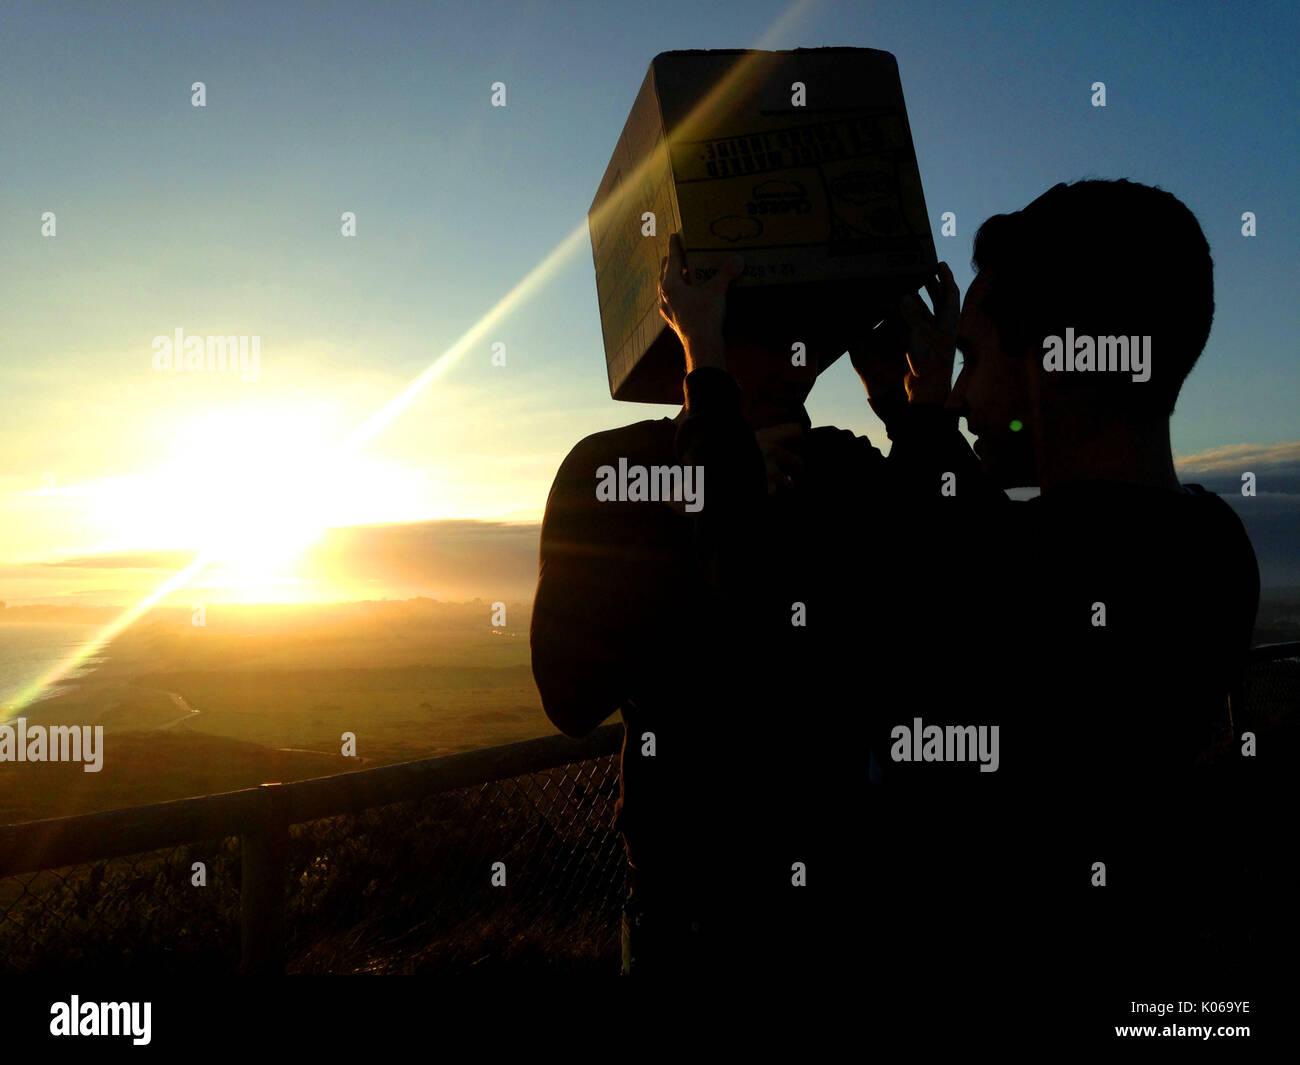 Christchurch, Dorset, Reino Unido, 21 de Agosto de 2017. A visualização do eclipse solar parcial em Hengistbury cabeça com uma câmara microscópica feita a partir de uma caixa de papelão. Crédito: John Beasley/Alamy Notícias ao vivo Imagens de Stock